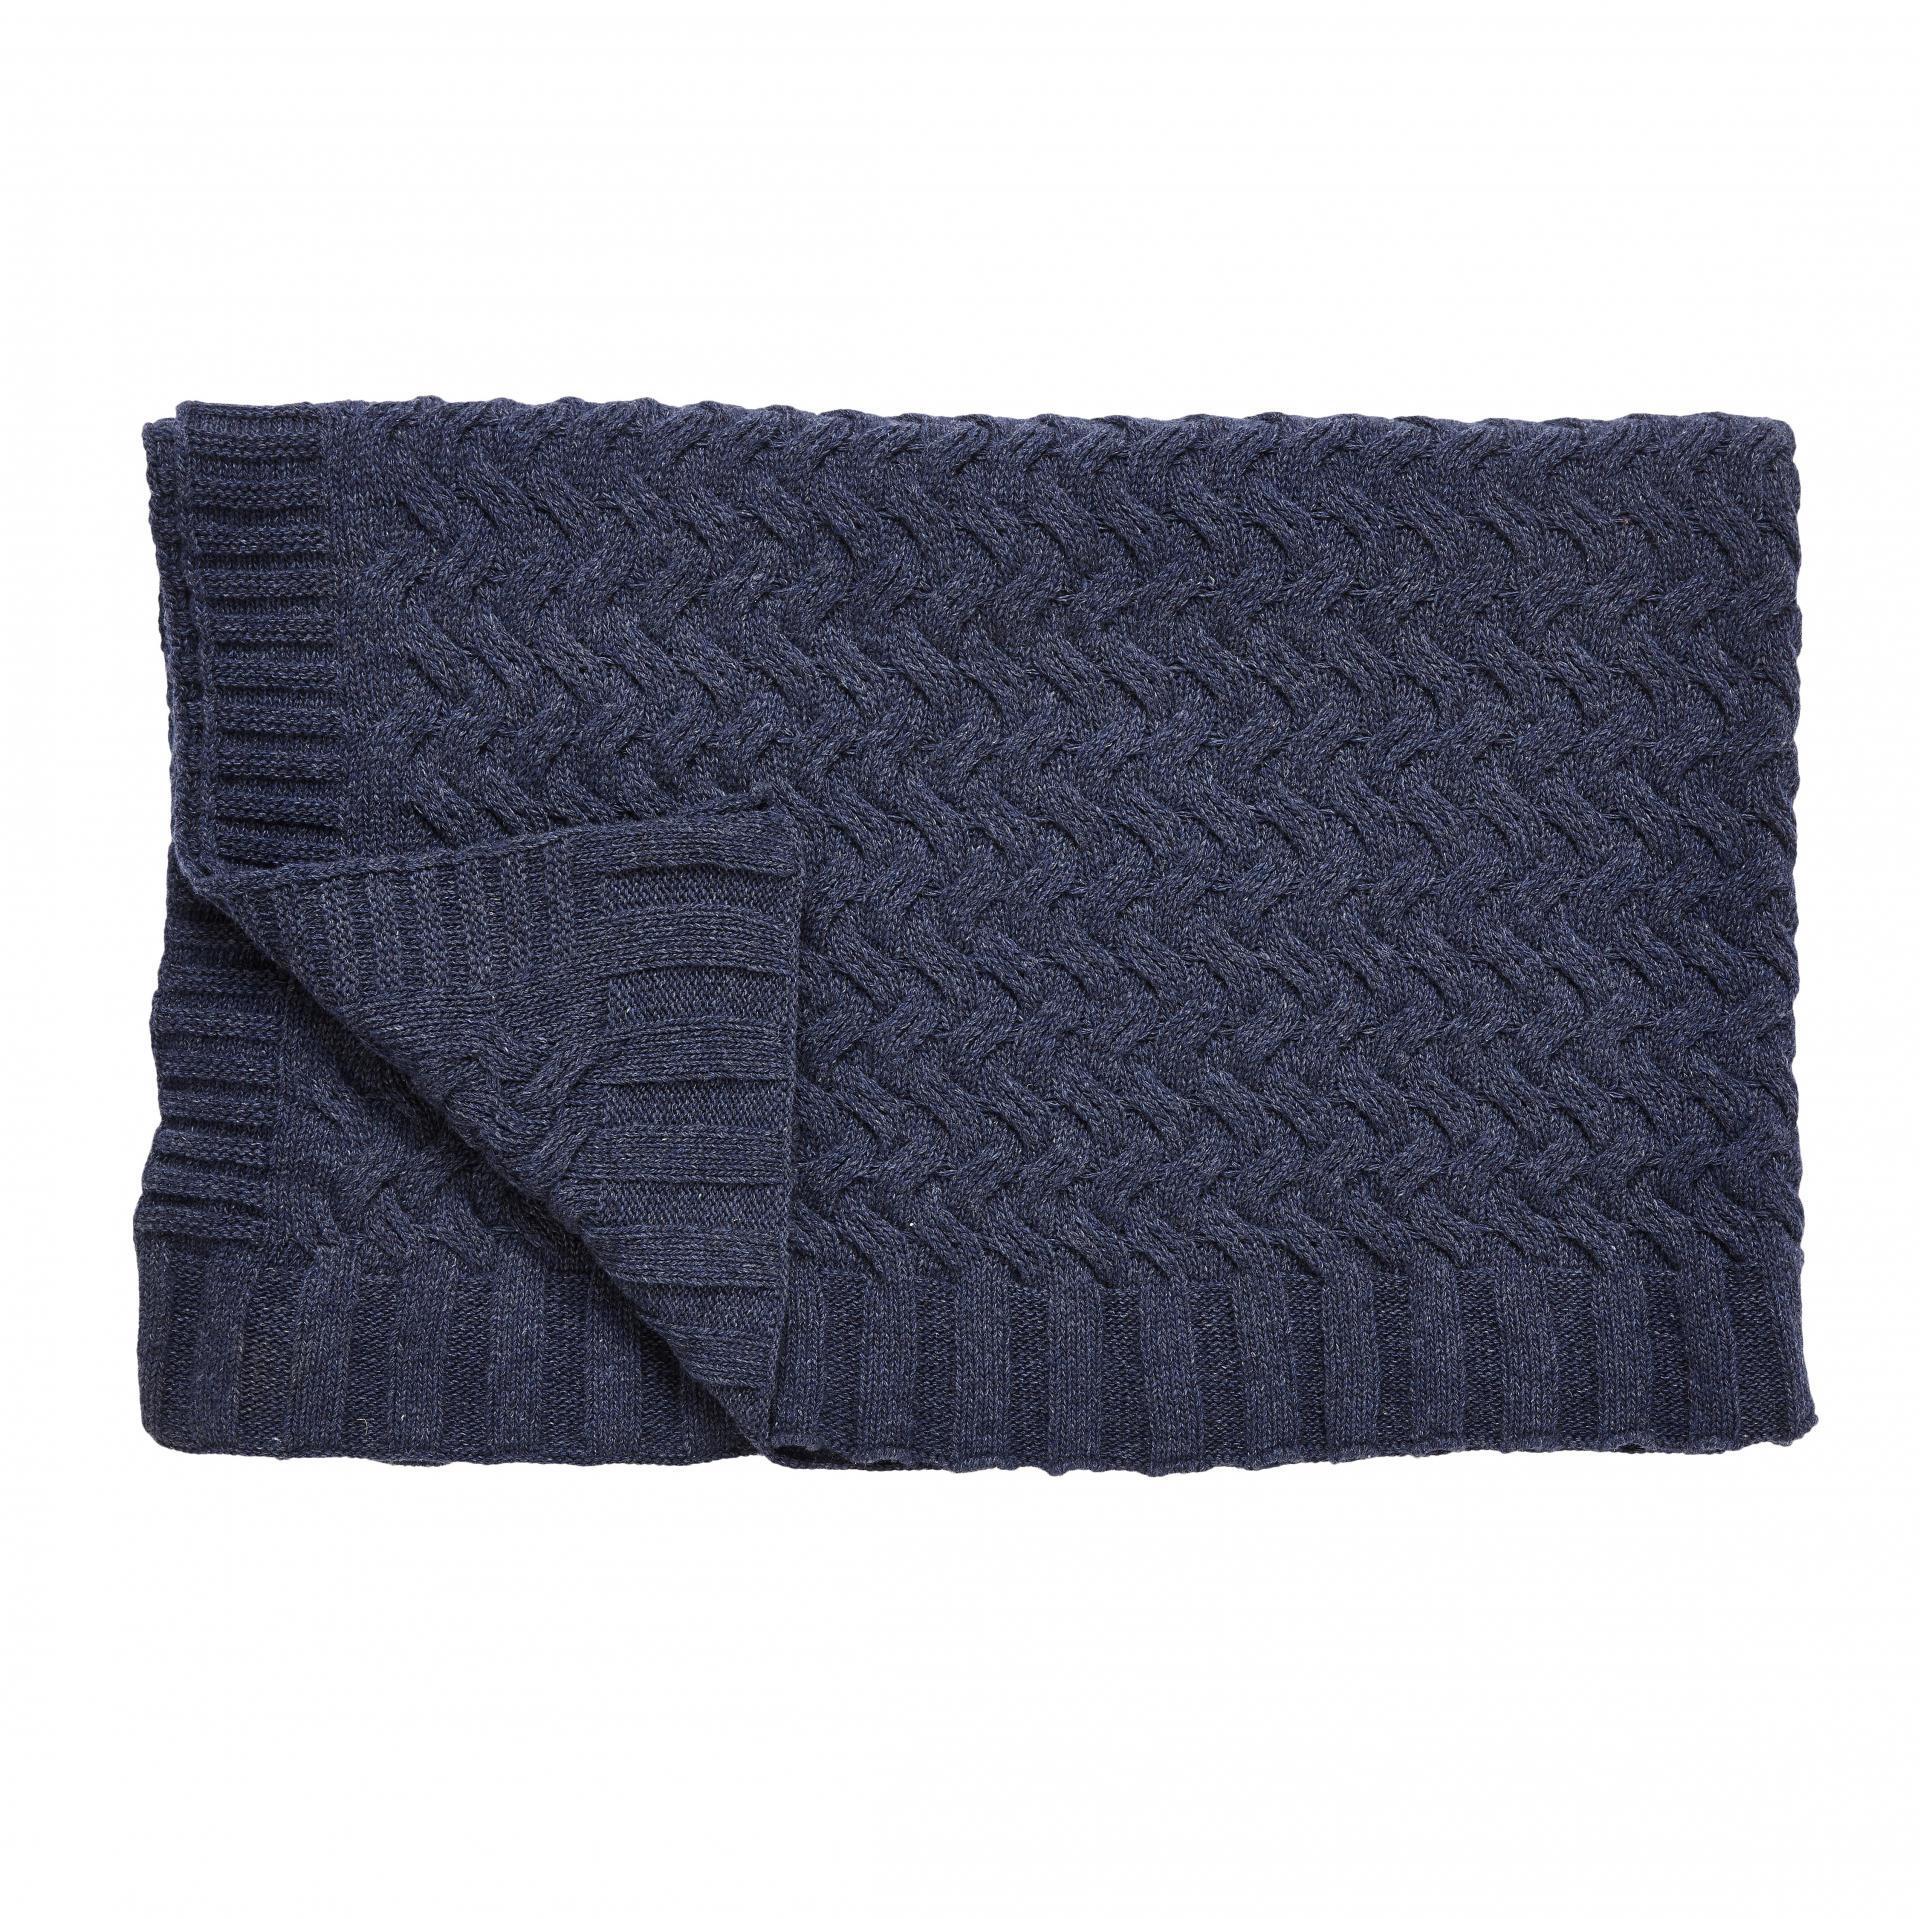 Hübsch Vlněný pléd Navy melange 130x170 cm, modrá barva, textil